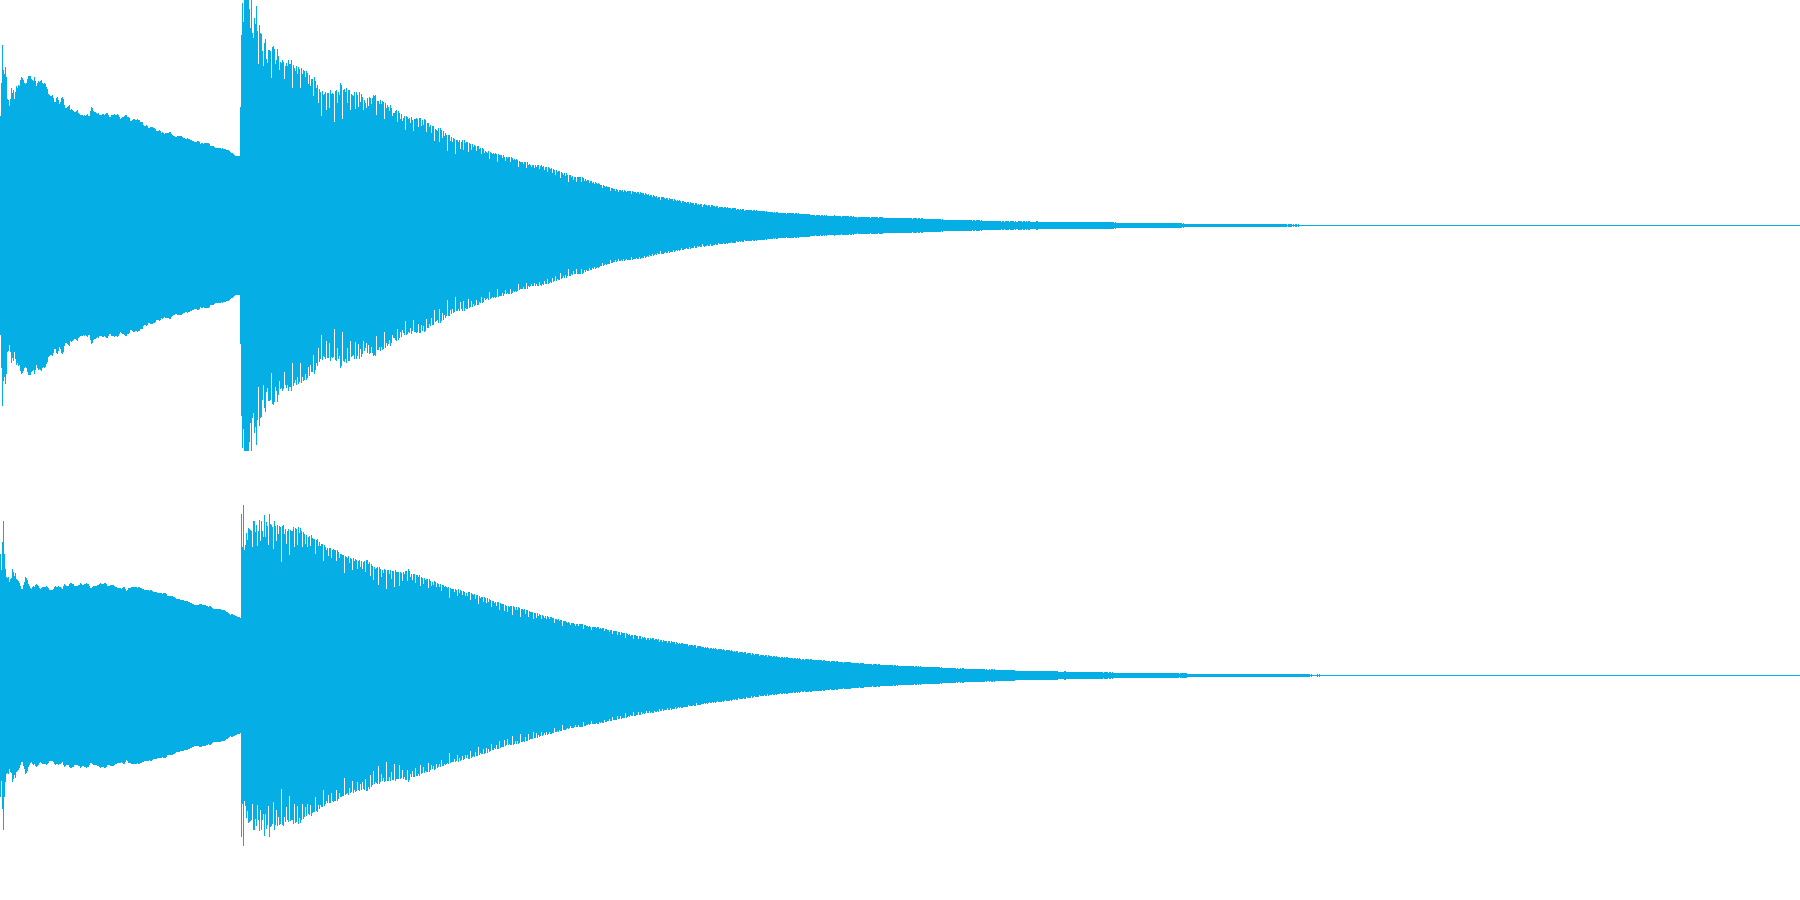 家のチャイム音 【ピンポーン!】の再生済みの波形